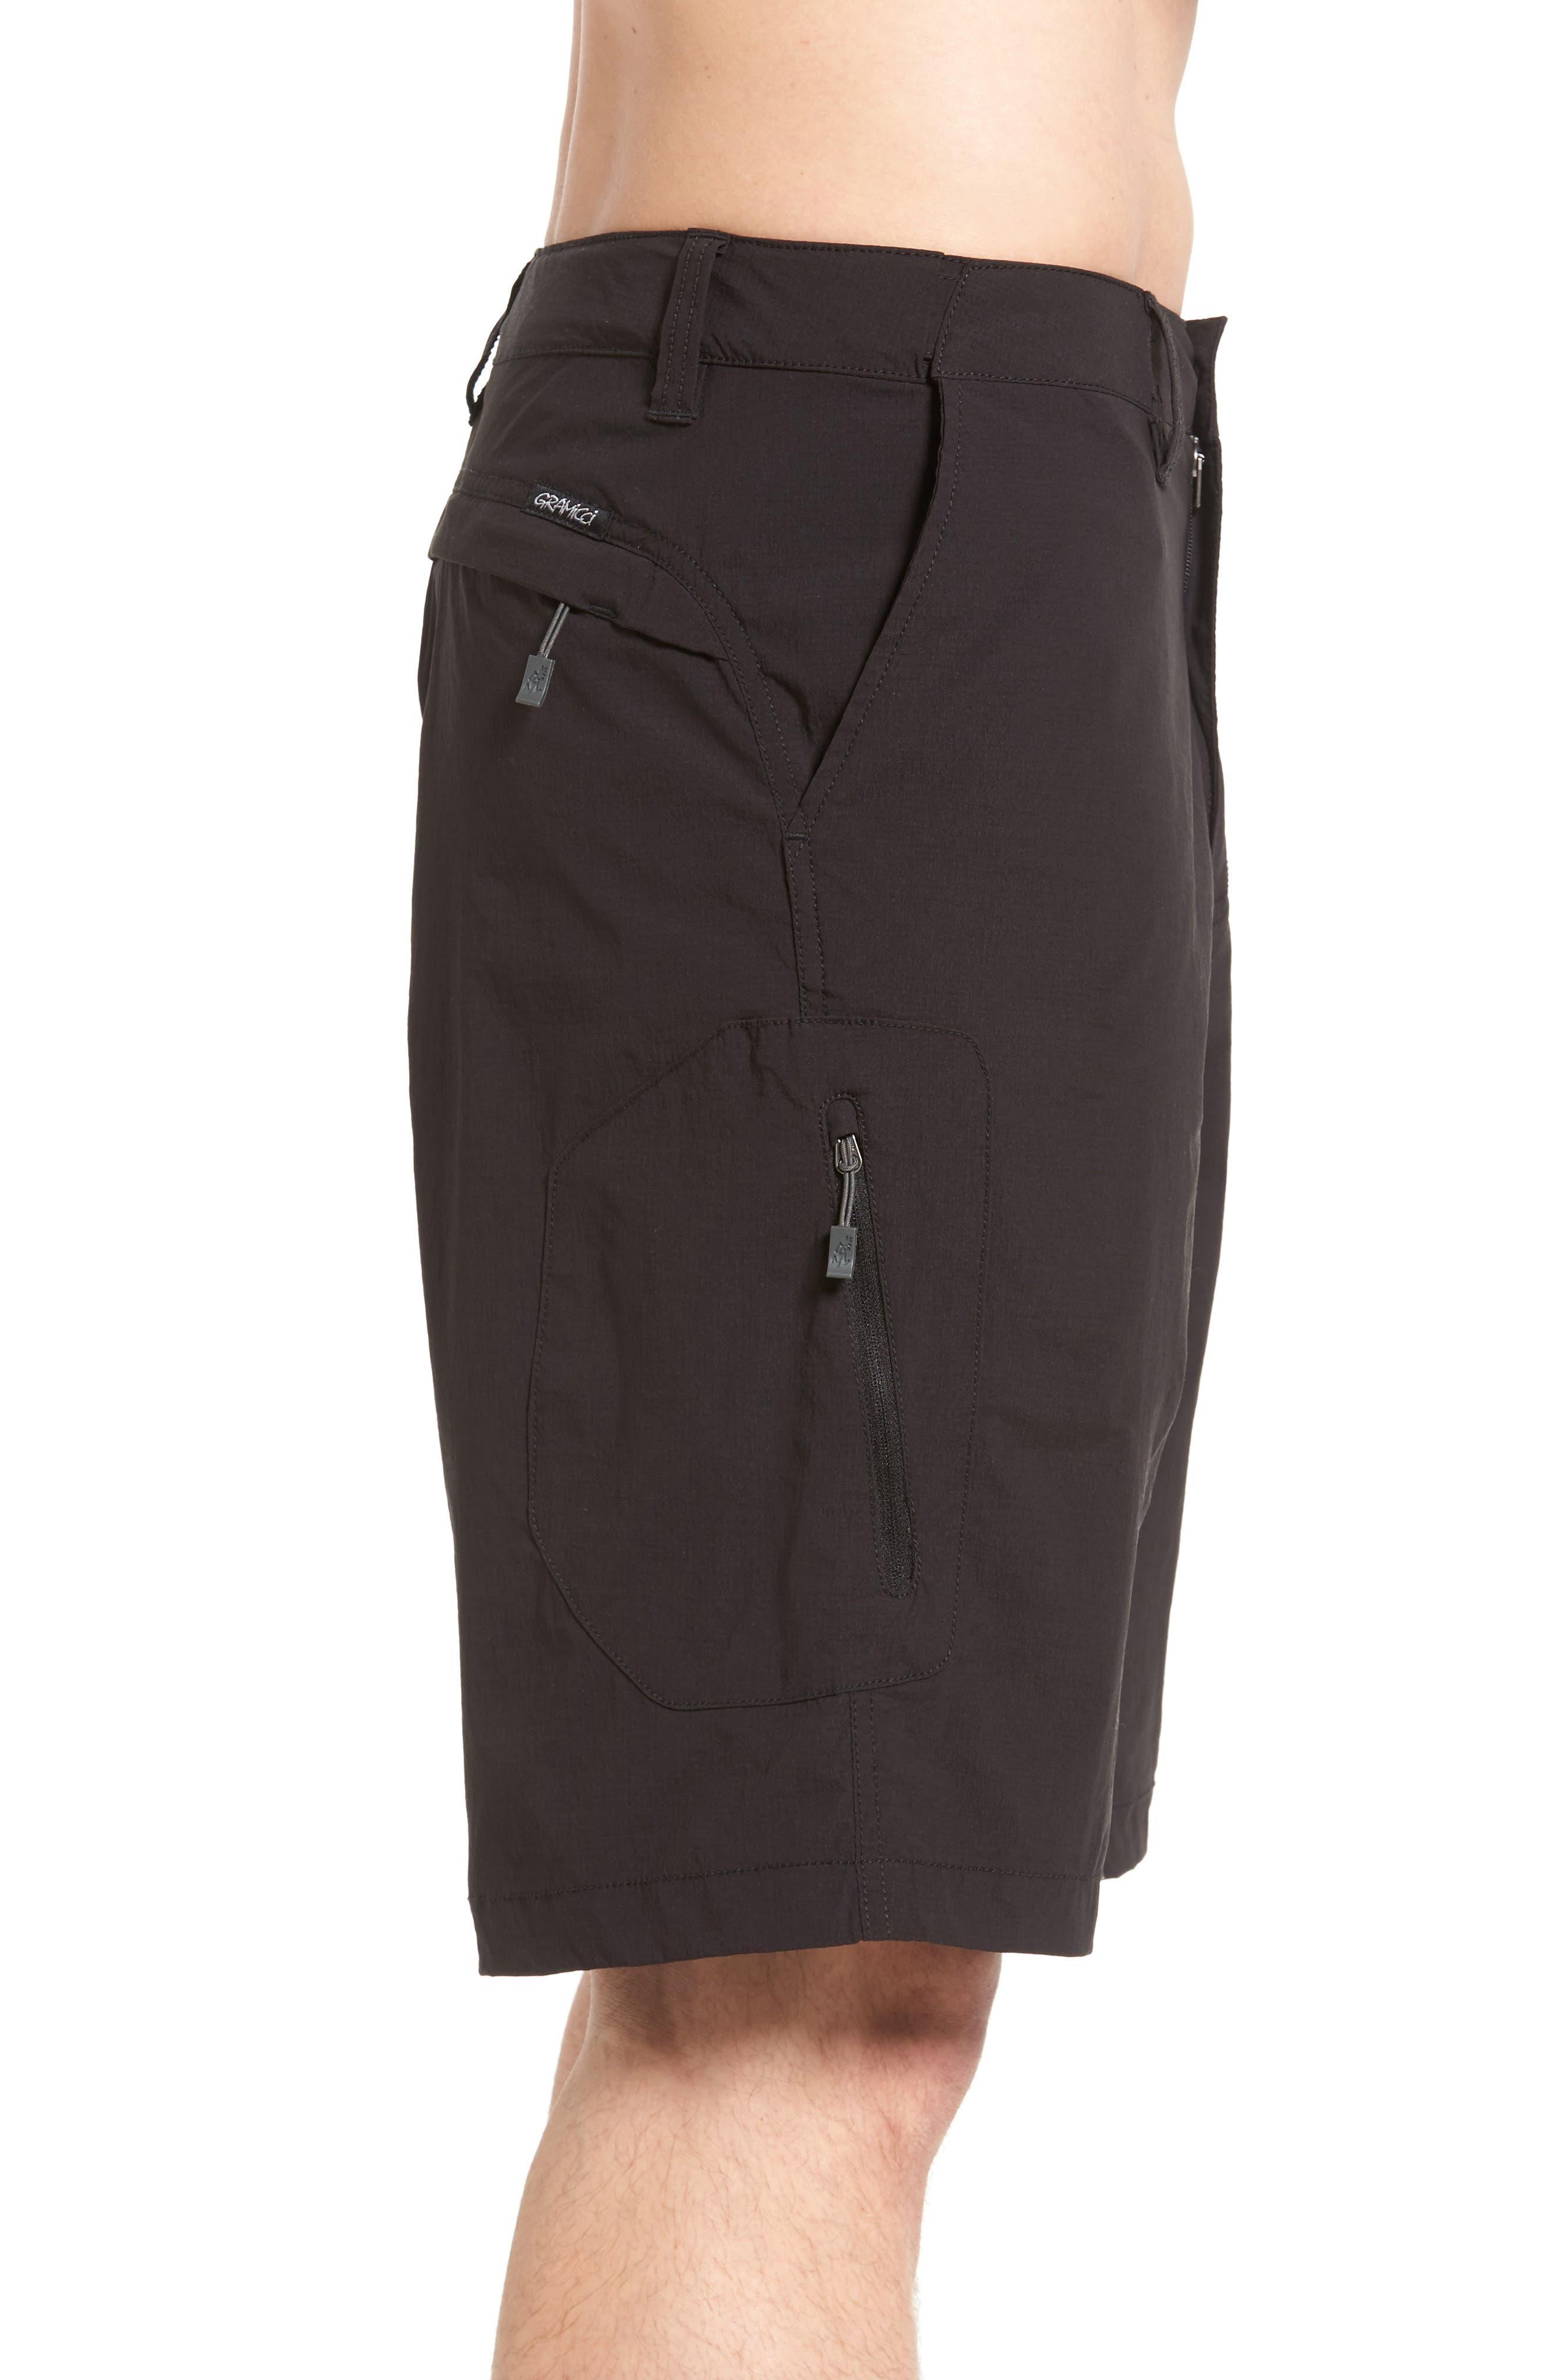 Rough & Tumble Hiking Shorts,                             Alternate thumbnail 3, color,                             002